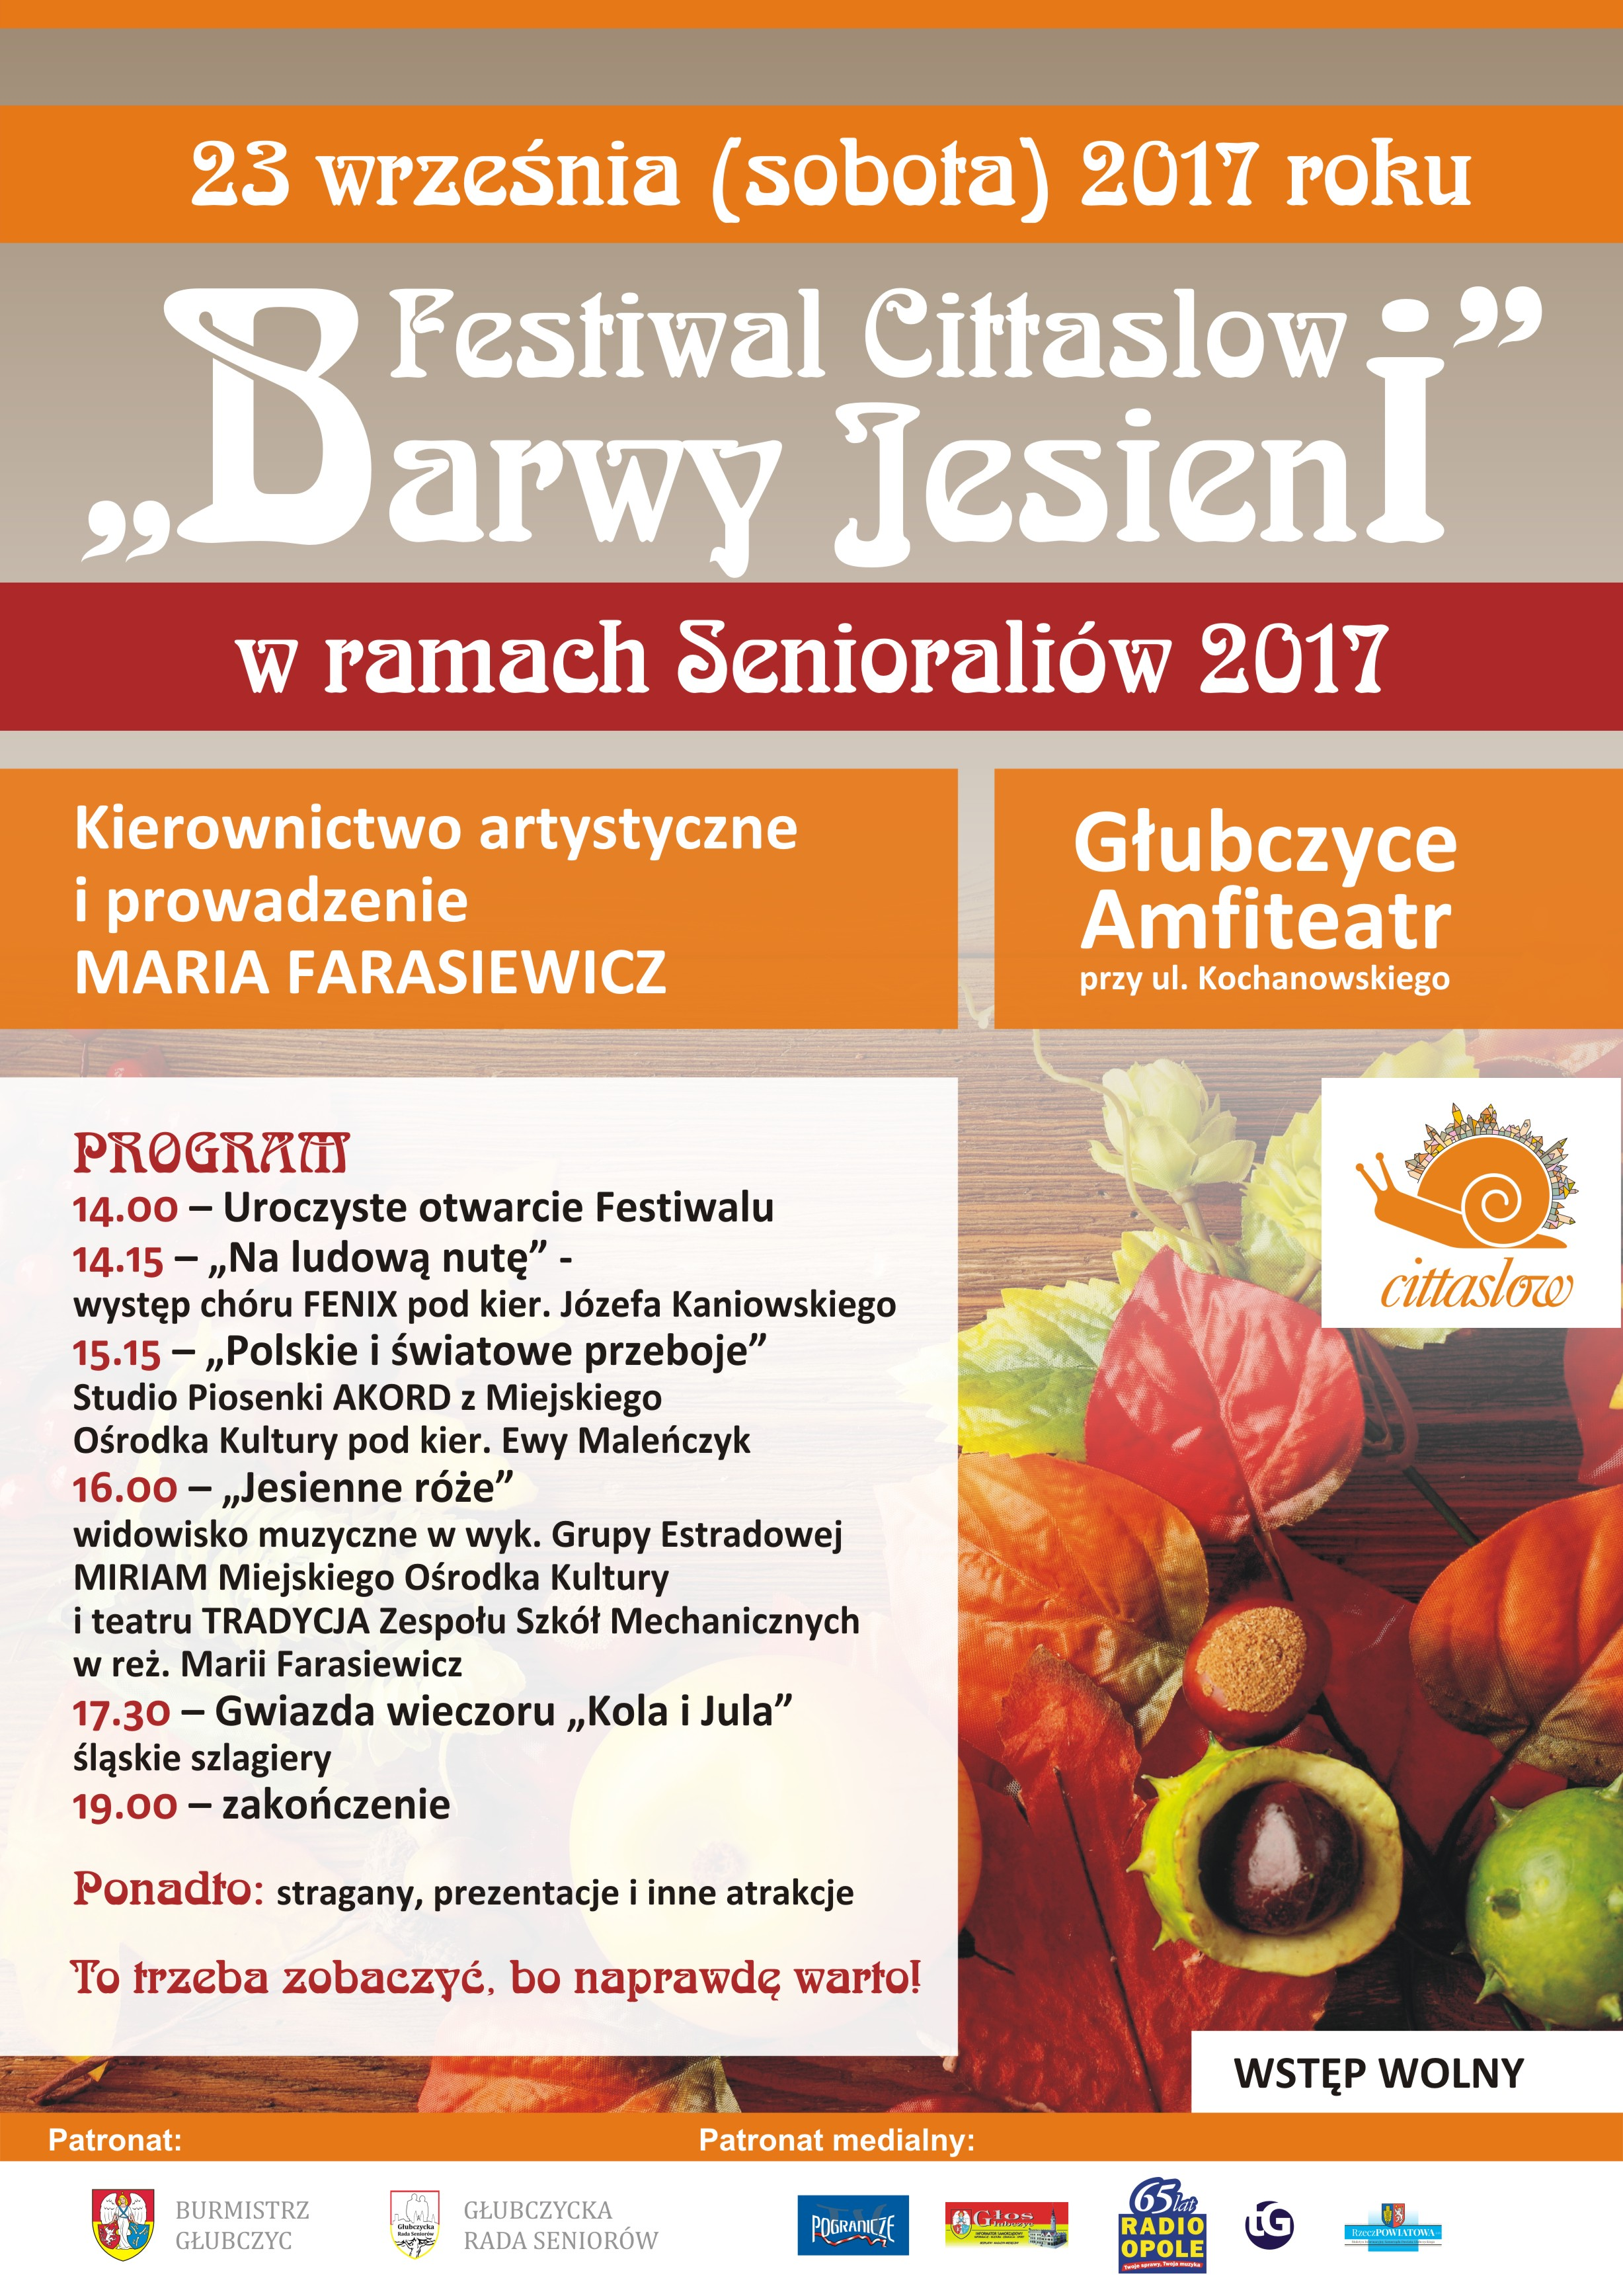 festiwal Barwy Jesieni